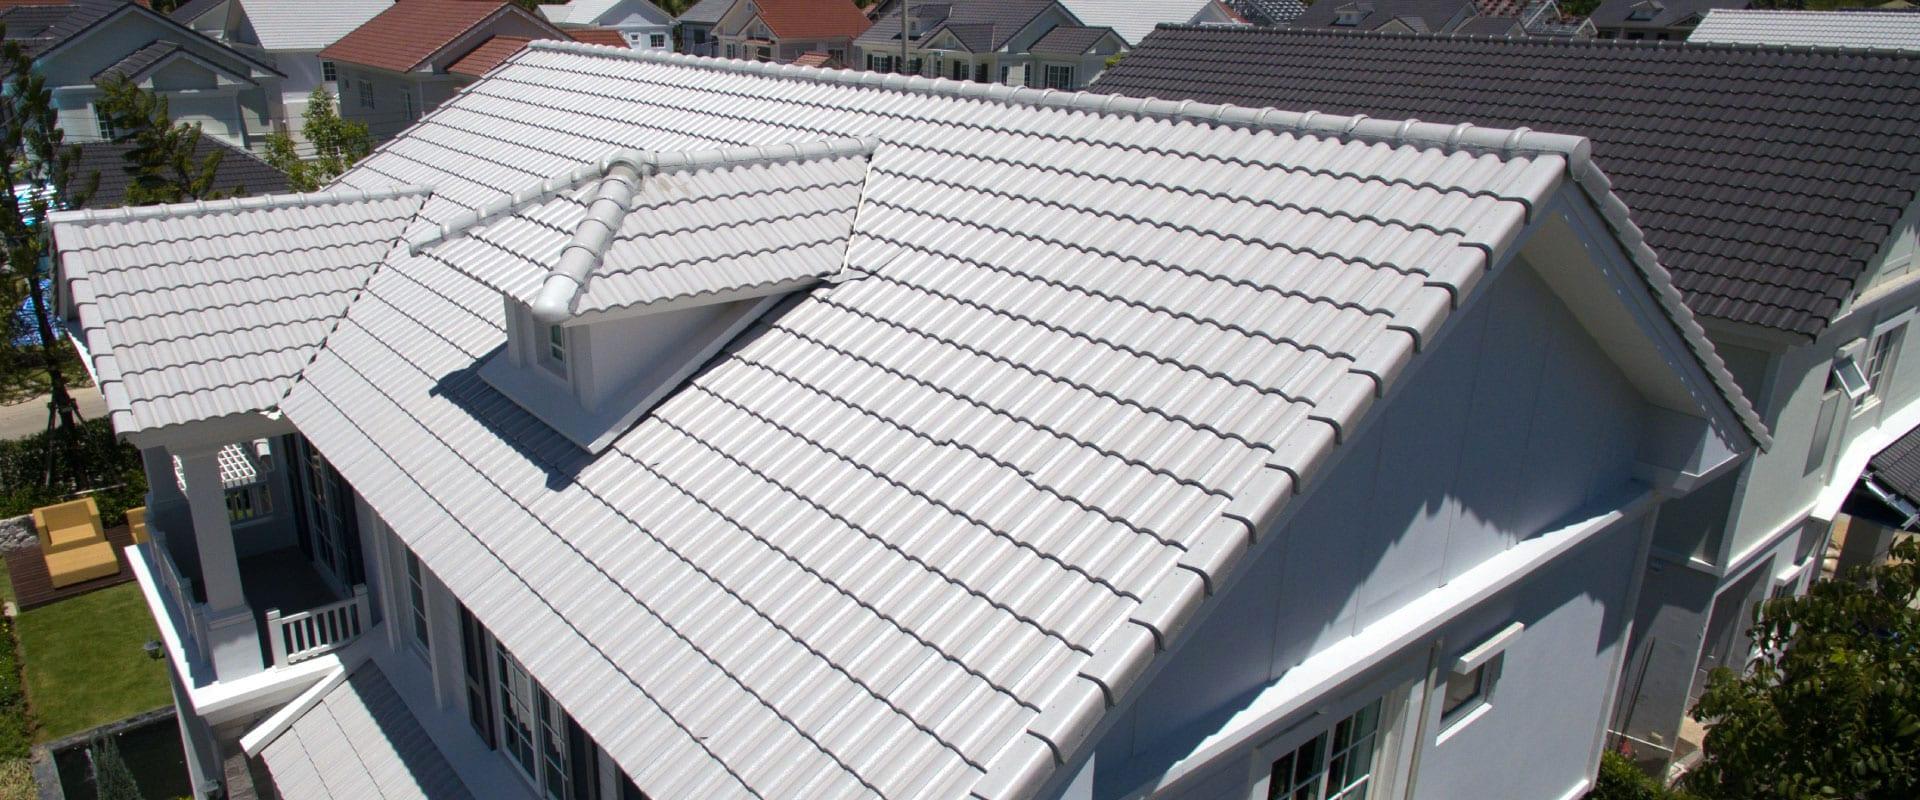 Roof leak fix cost Sydney